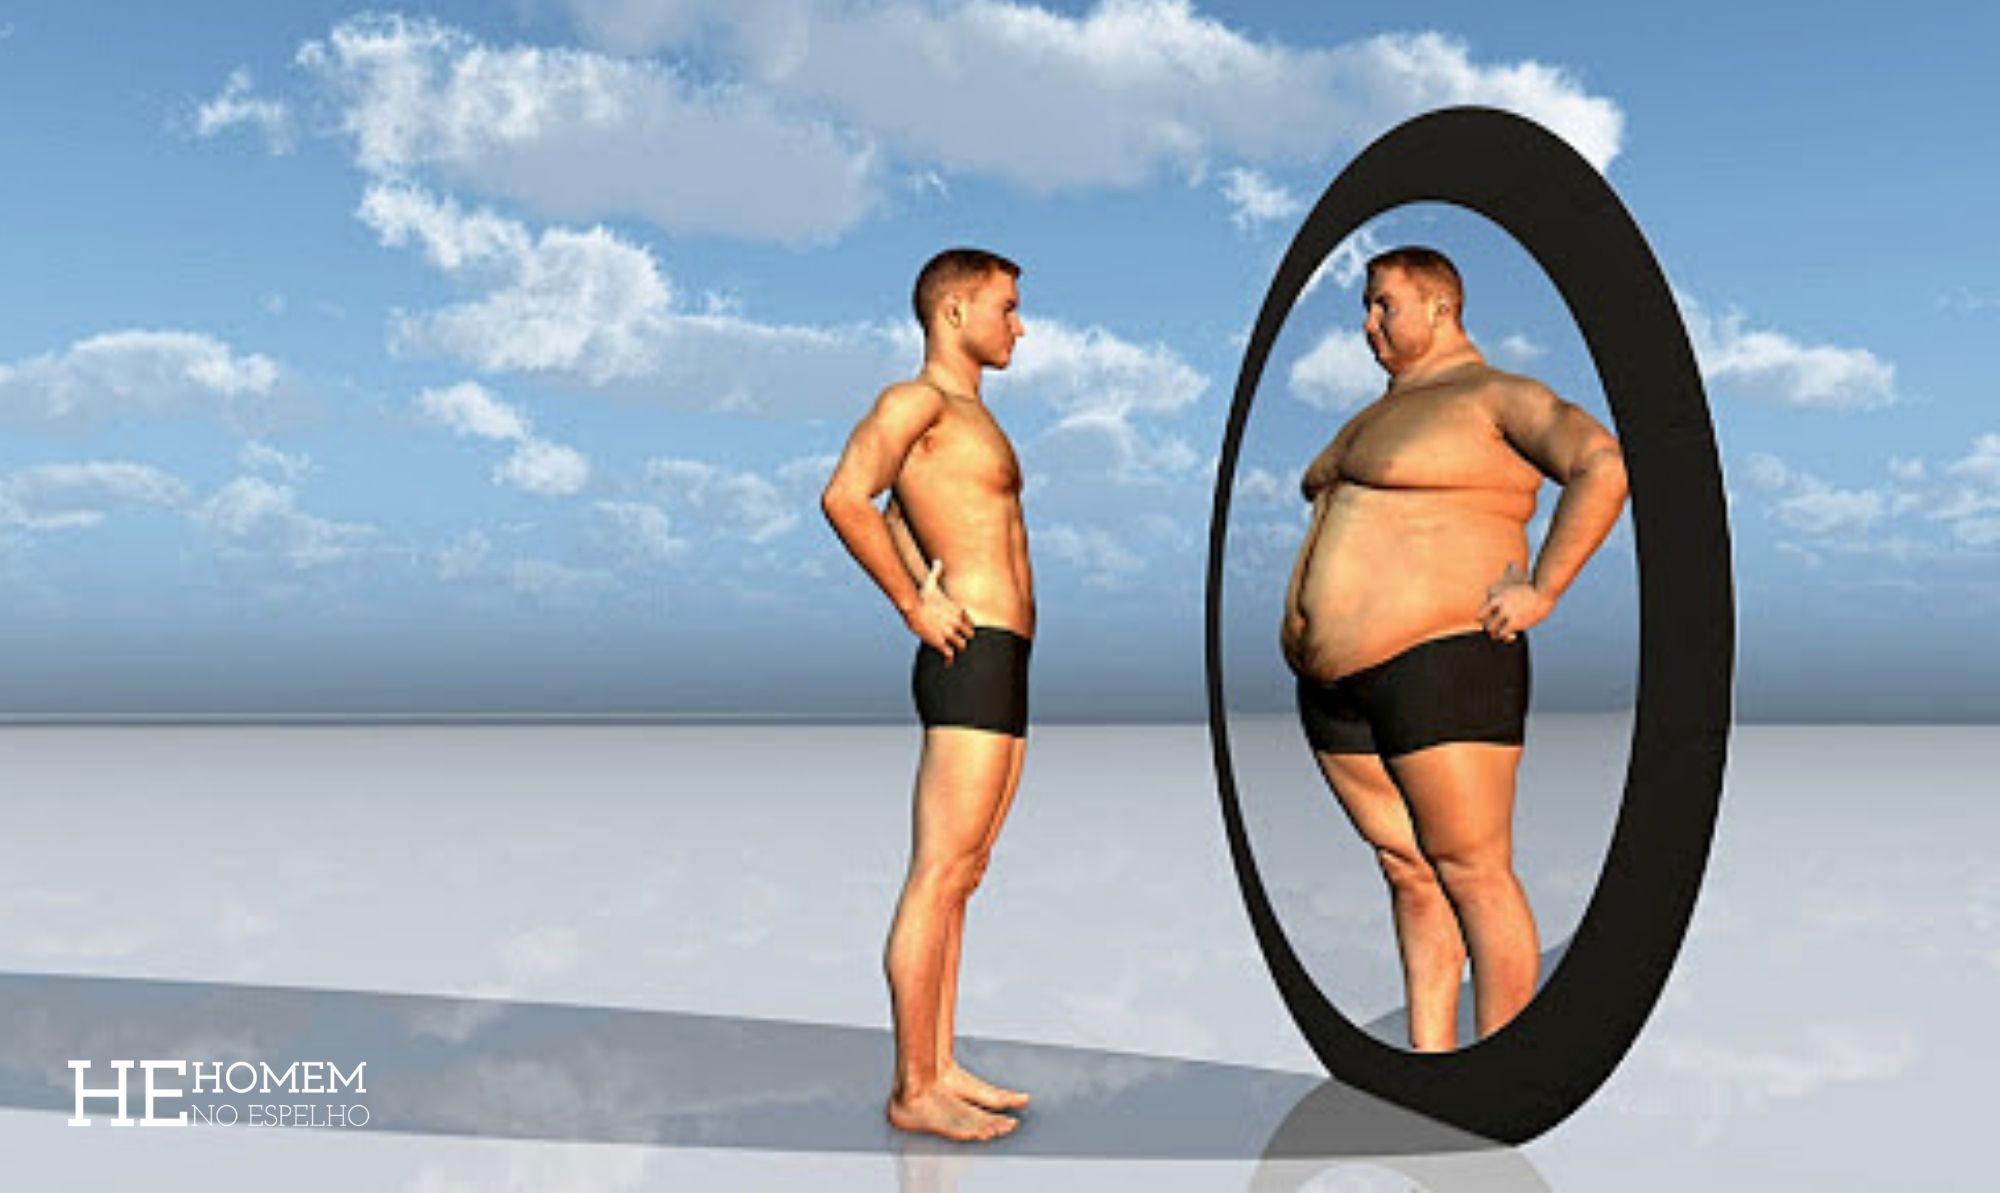 Homem No Espelho - Autoimagem masculina